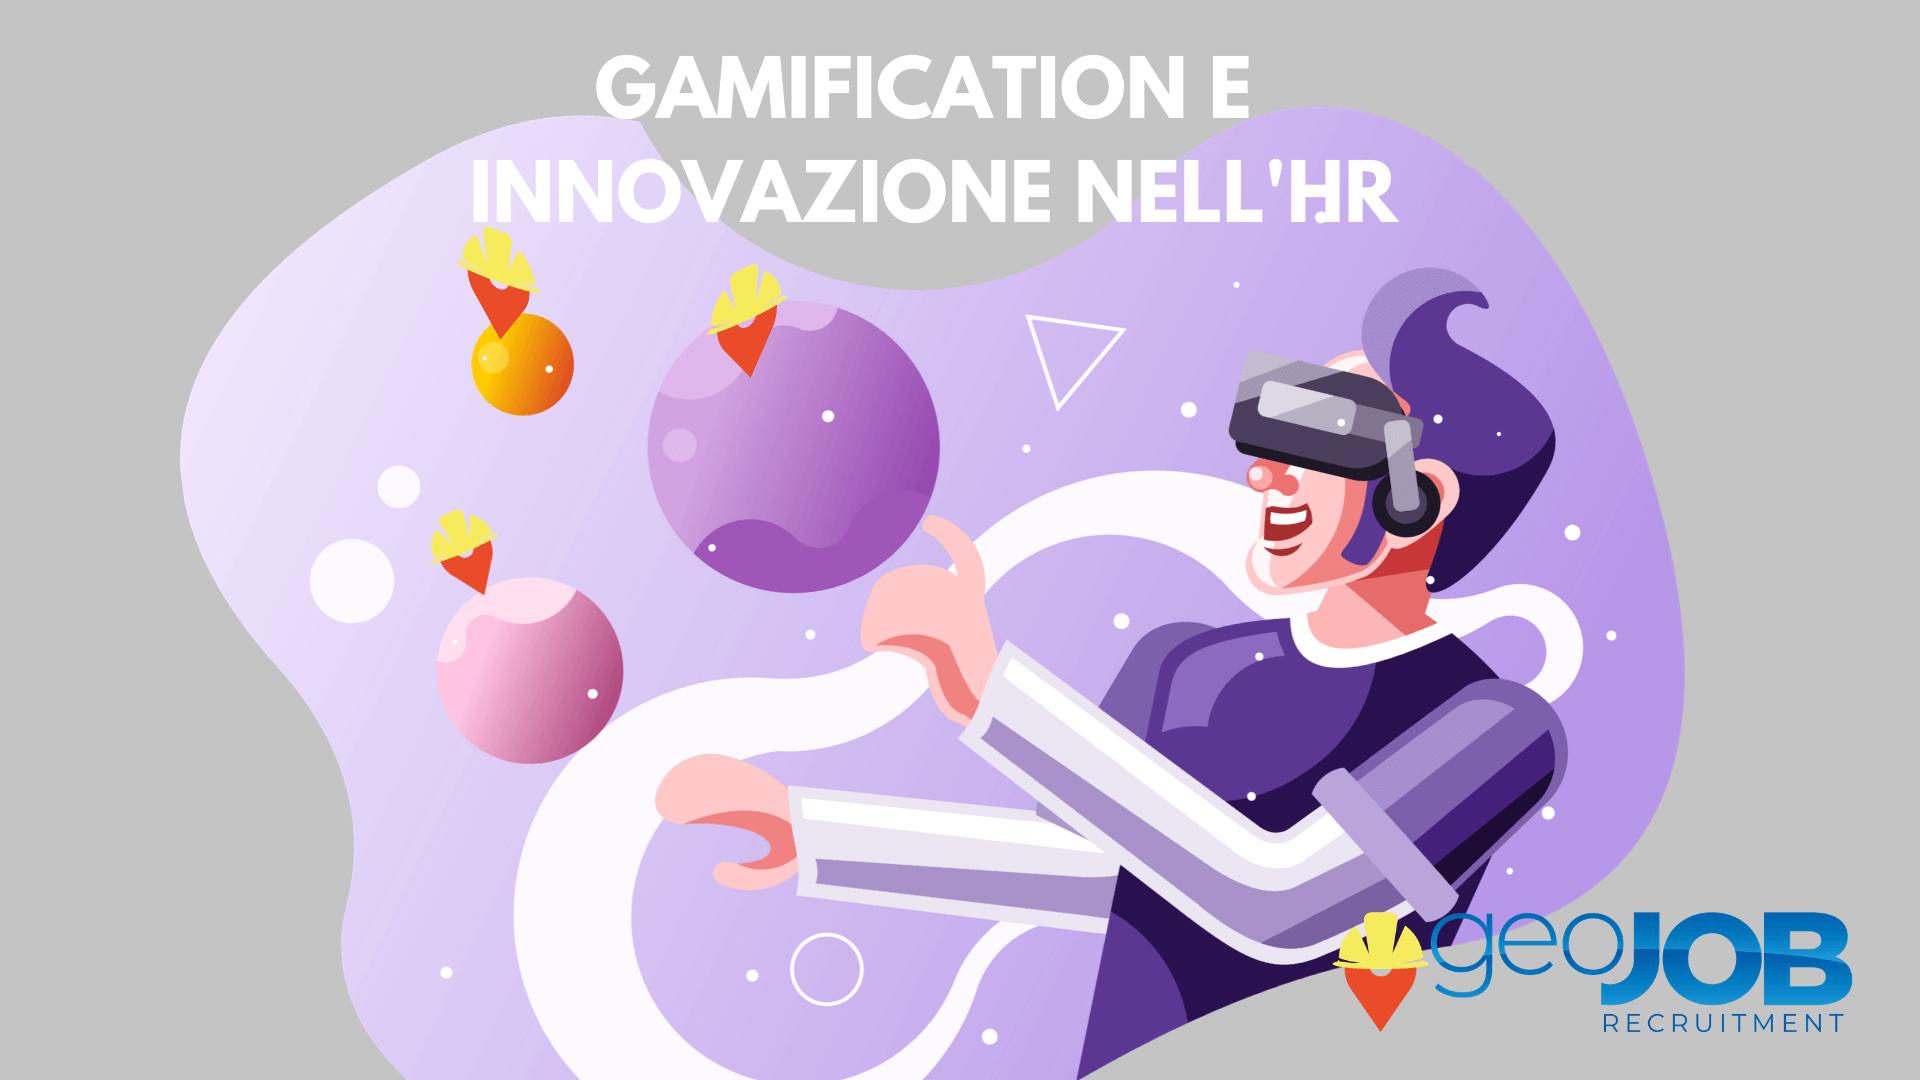 Gamification e innovazione nell'HR-3-2